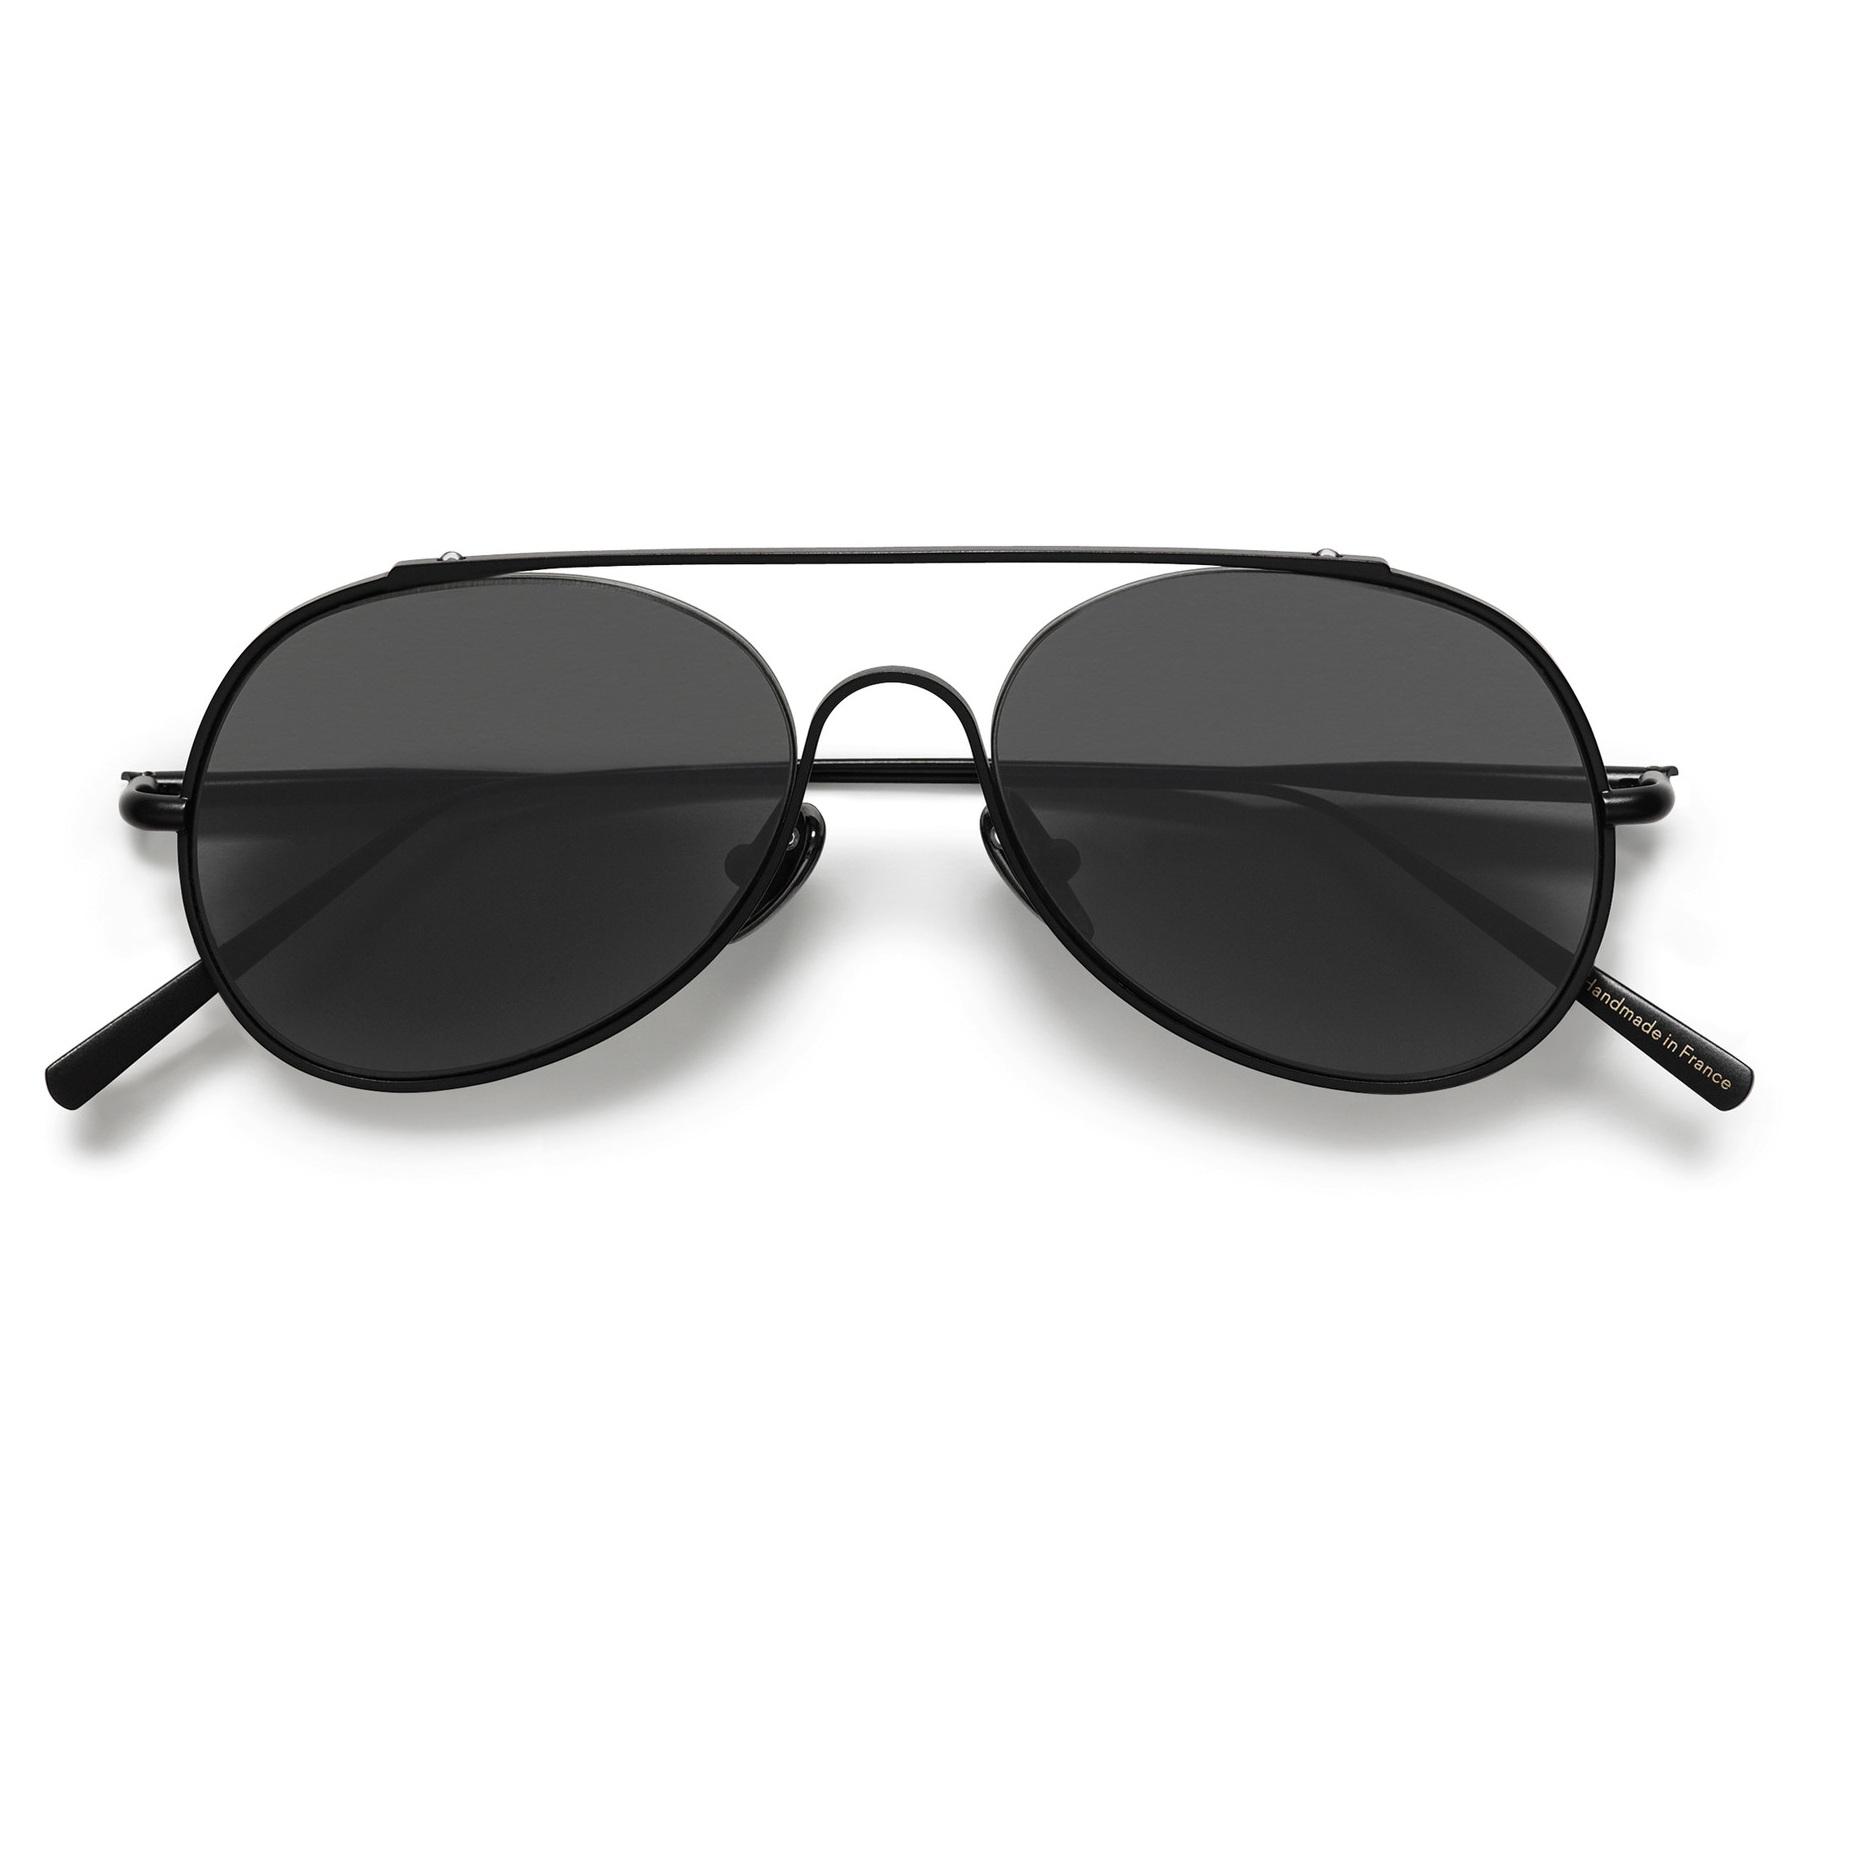 lunettes de soleil acne studio